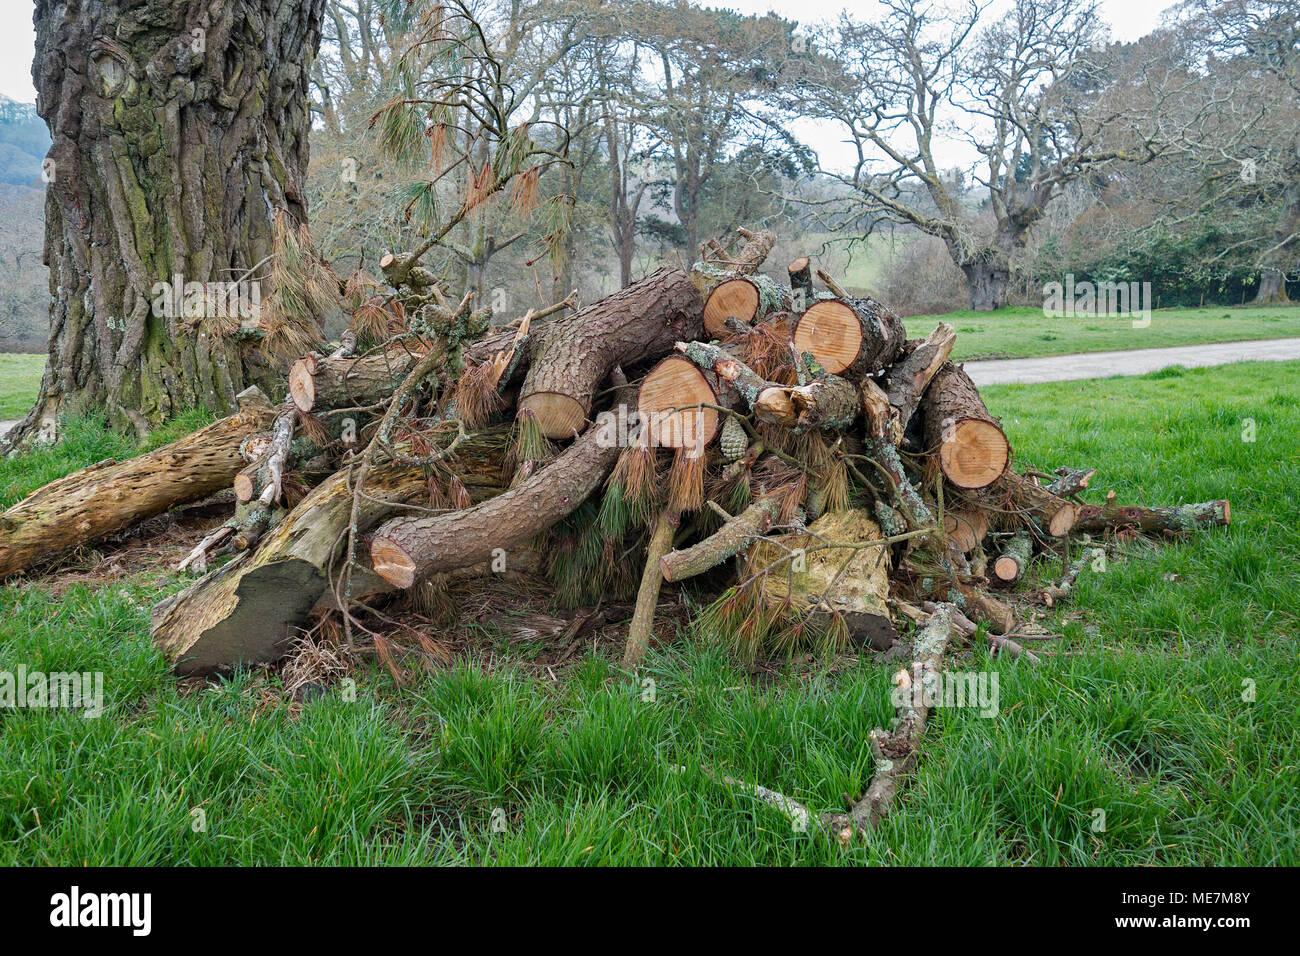 wildlife habitat pile, wildlife habitat management, wildlife log pile, - Stock Image